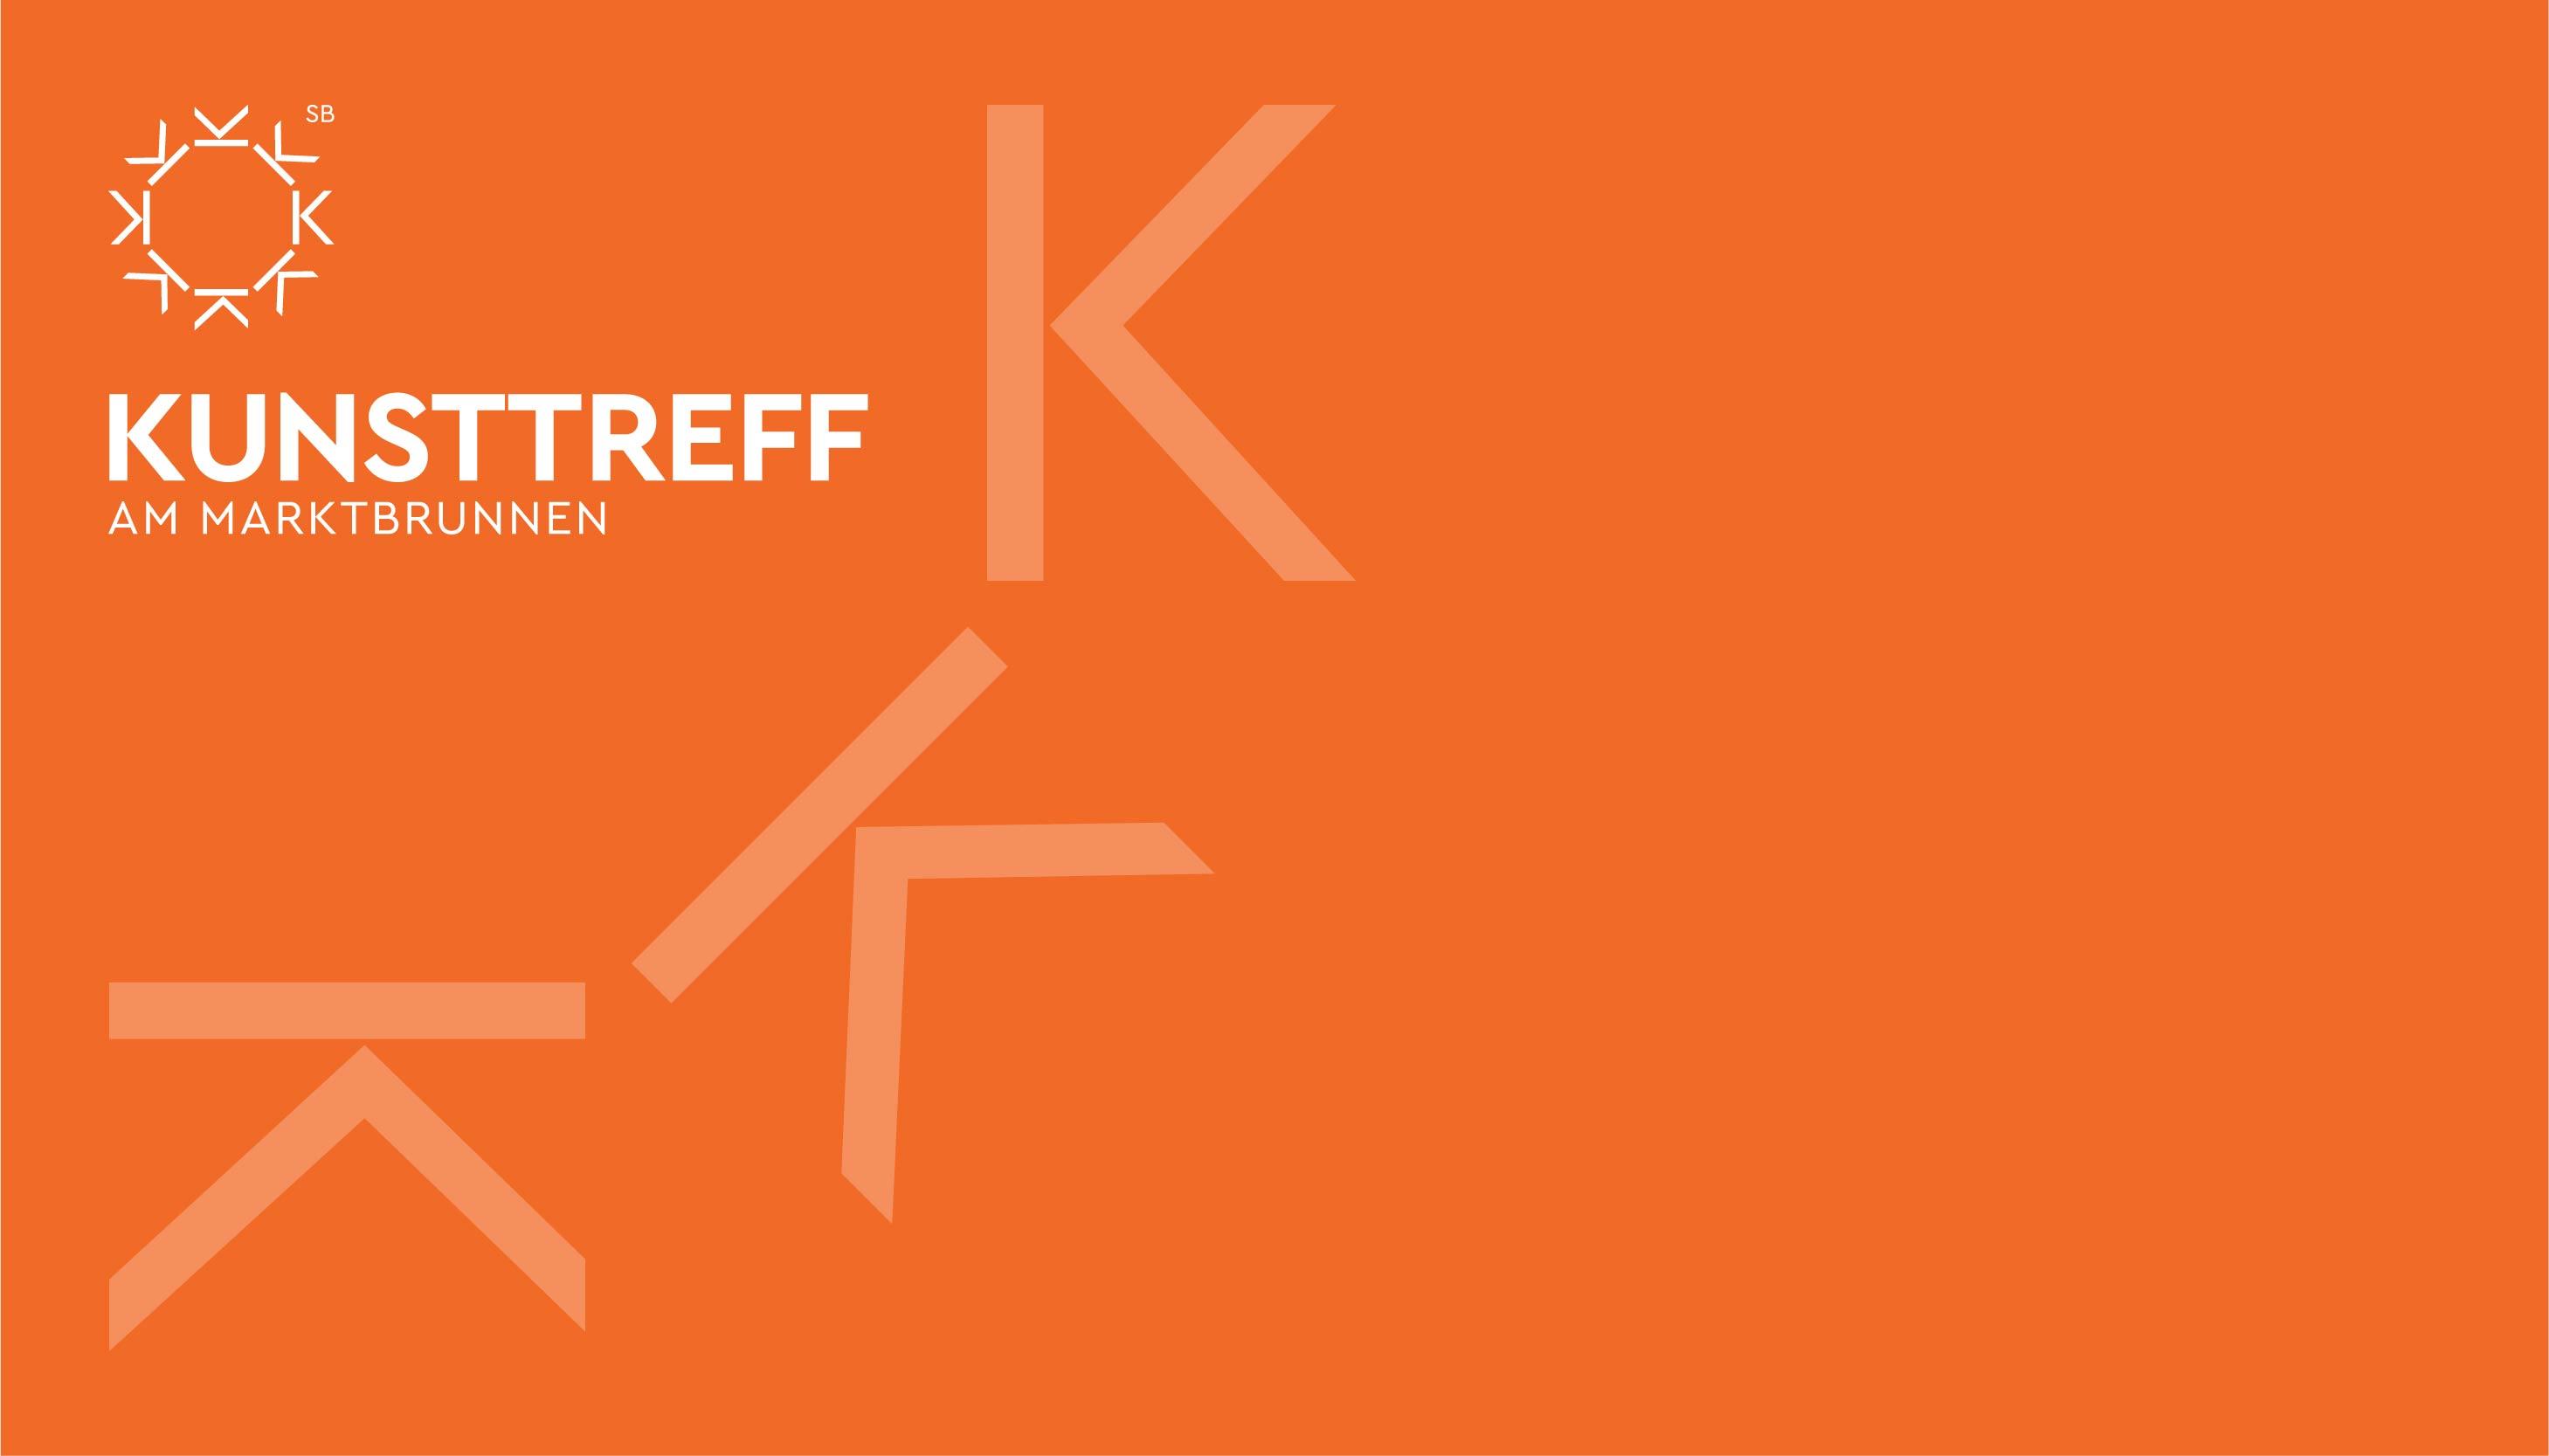 Kunsttreff am Marktbrunnen - logo design